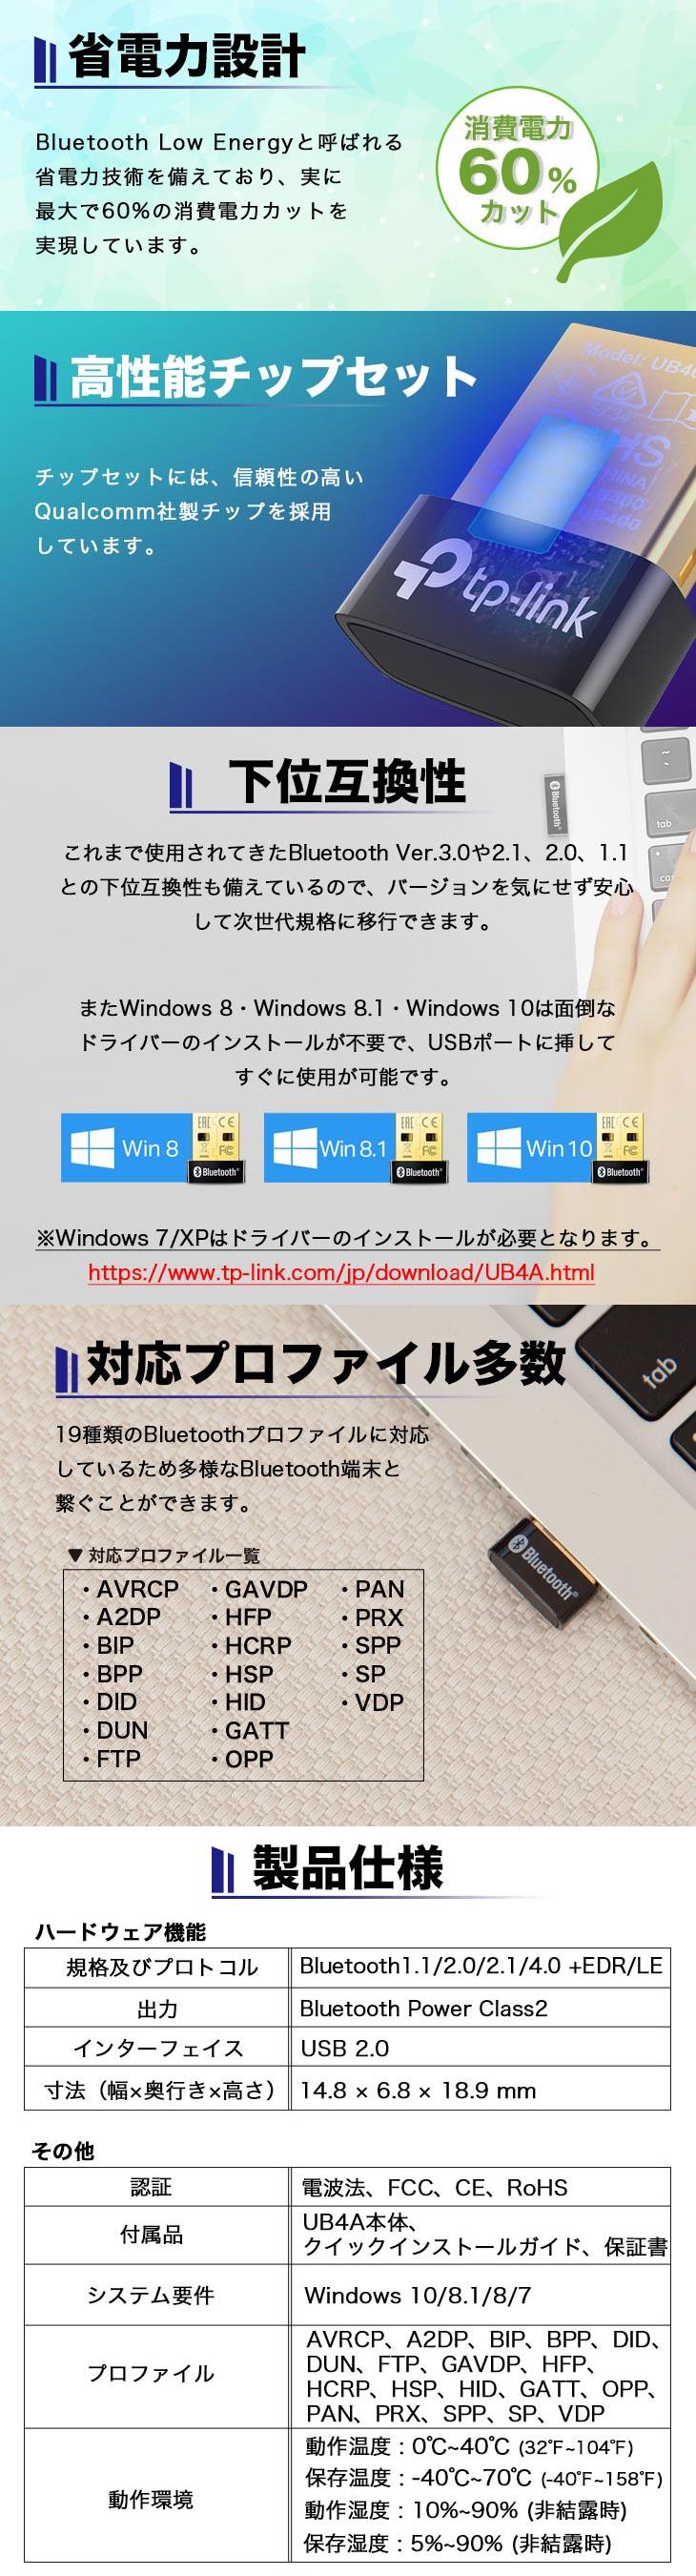 TP Link Tarjeta WiFi Aisumi Bluetooth 4.0 WiFi Wireless Mini PCIe Tarjeta para HP QCWB335 AR9565 SPS 733476-001